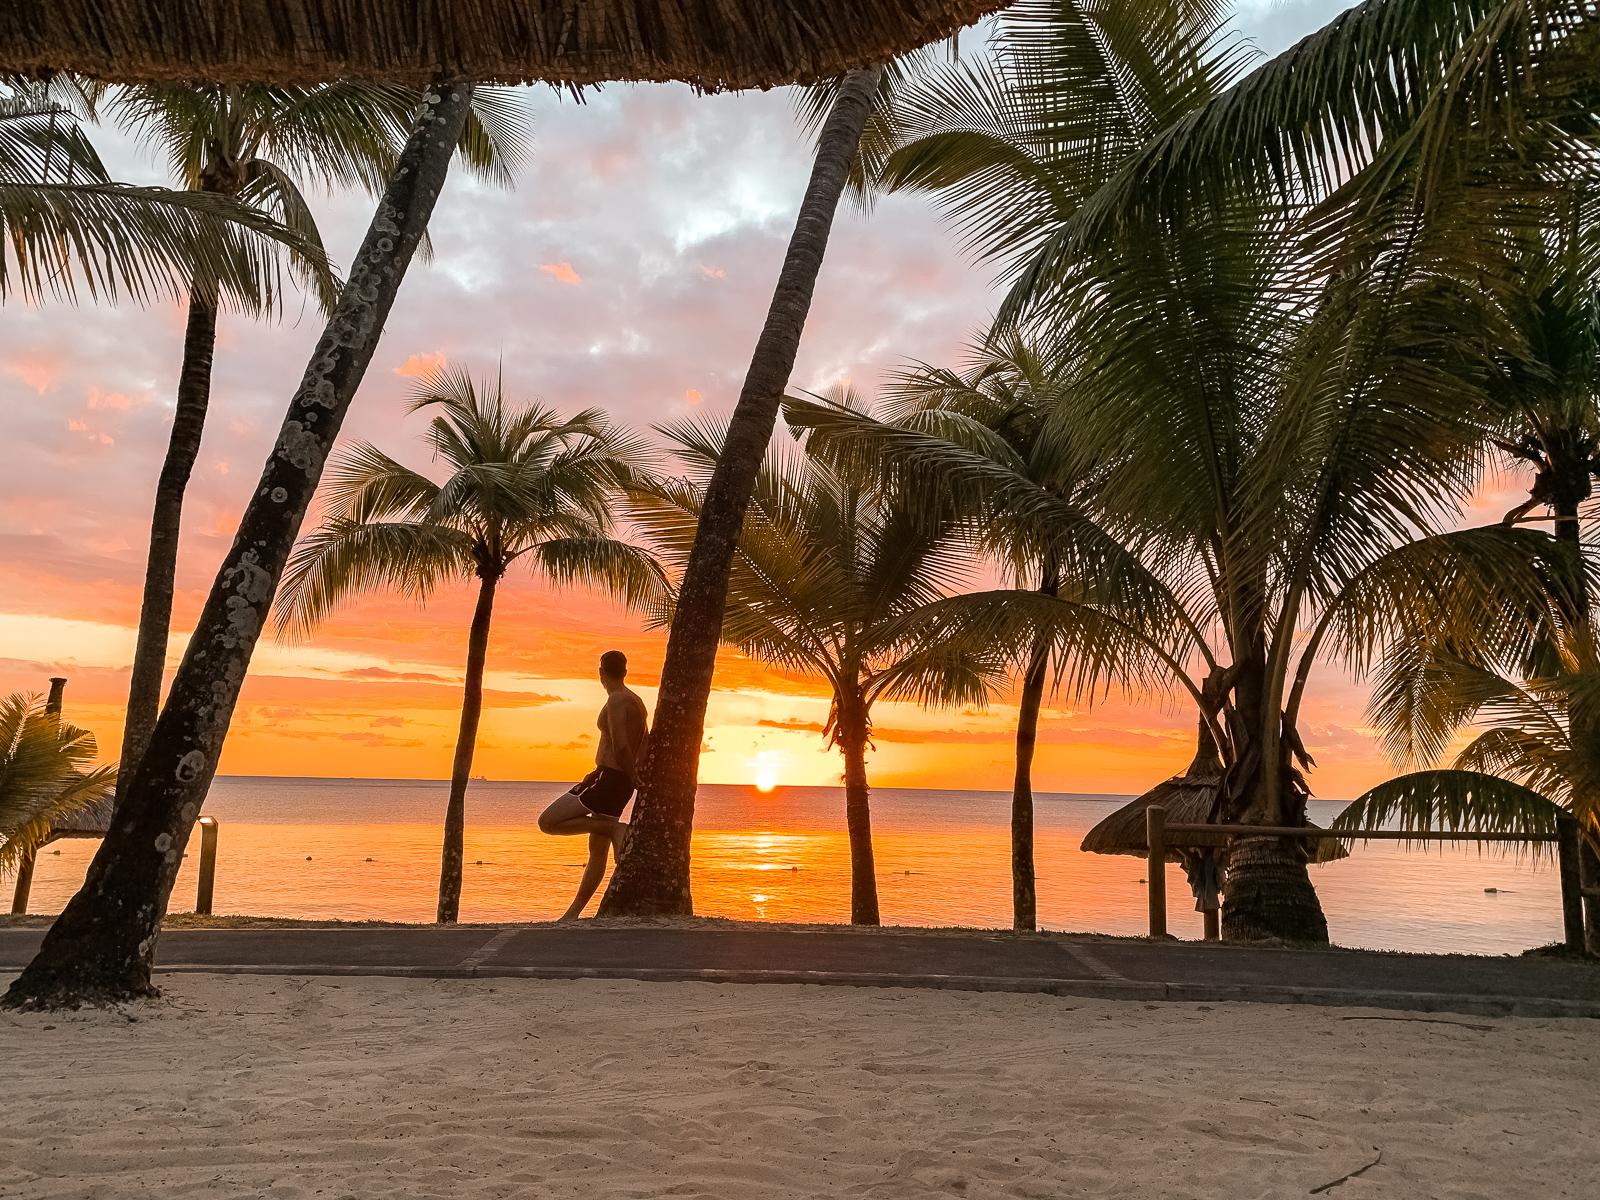 Trou aux Biches Beachcomber Golf Resort & Spa auf Mauritius – Hotel Review - Hotelbewertung - 5 Sterne Hotel auf Mauritius - schönes Hotel auf Mauritius - Hotel mit wunderschönem Strand auf Mauritius - wunderschönes Hotel - Fashionladyloves by Tamara Wagner - Travel Blog - Reiseblogger